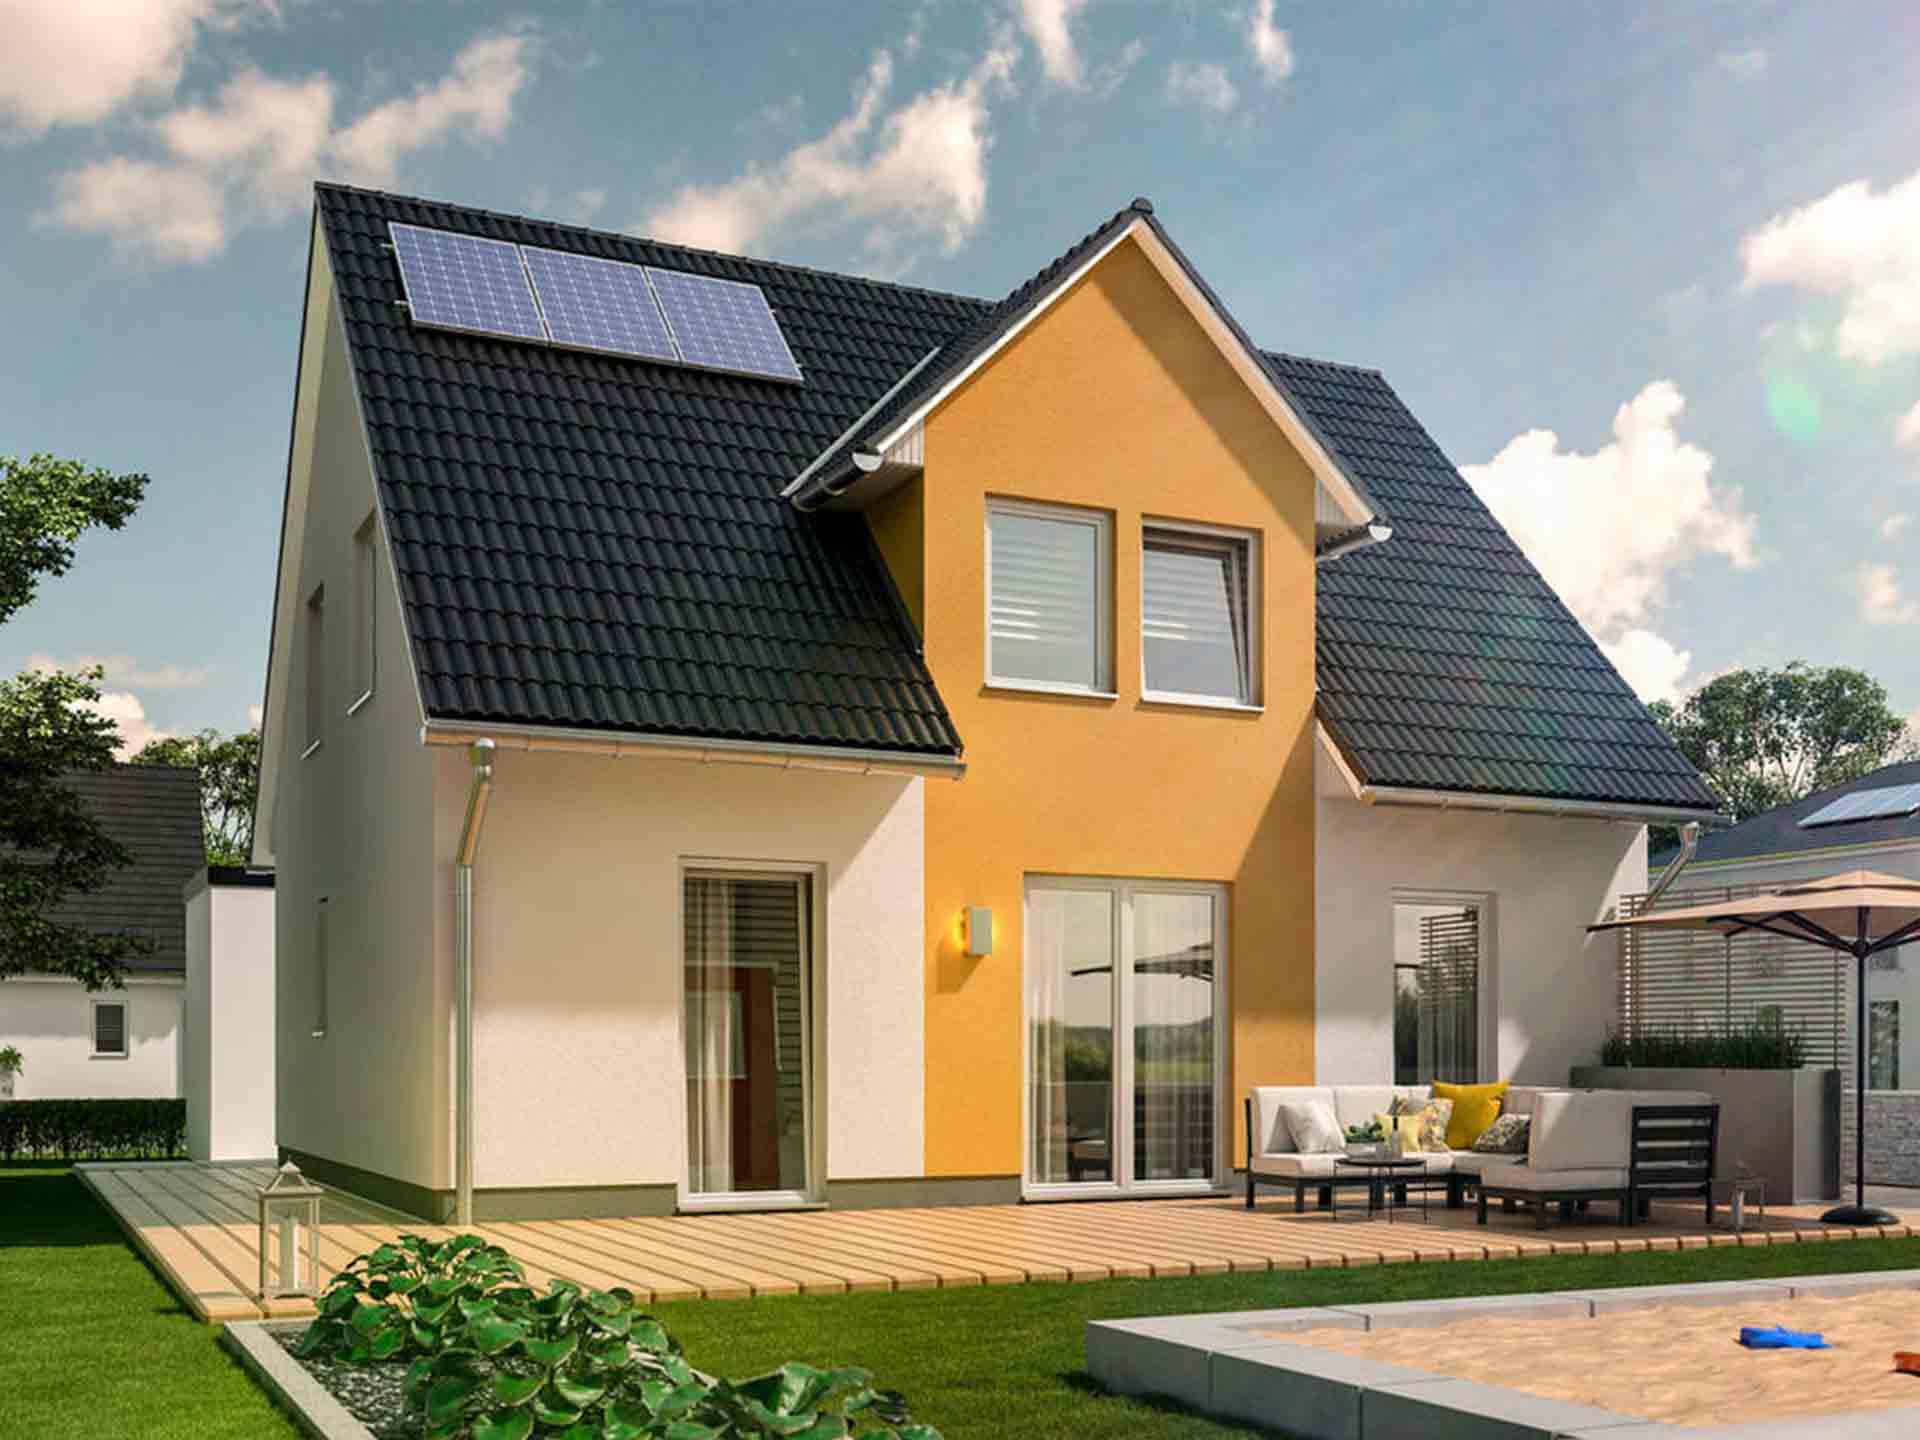 Bauen und Wohnen Immobilien Hauptbild